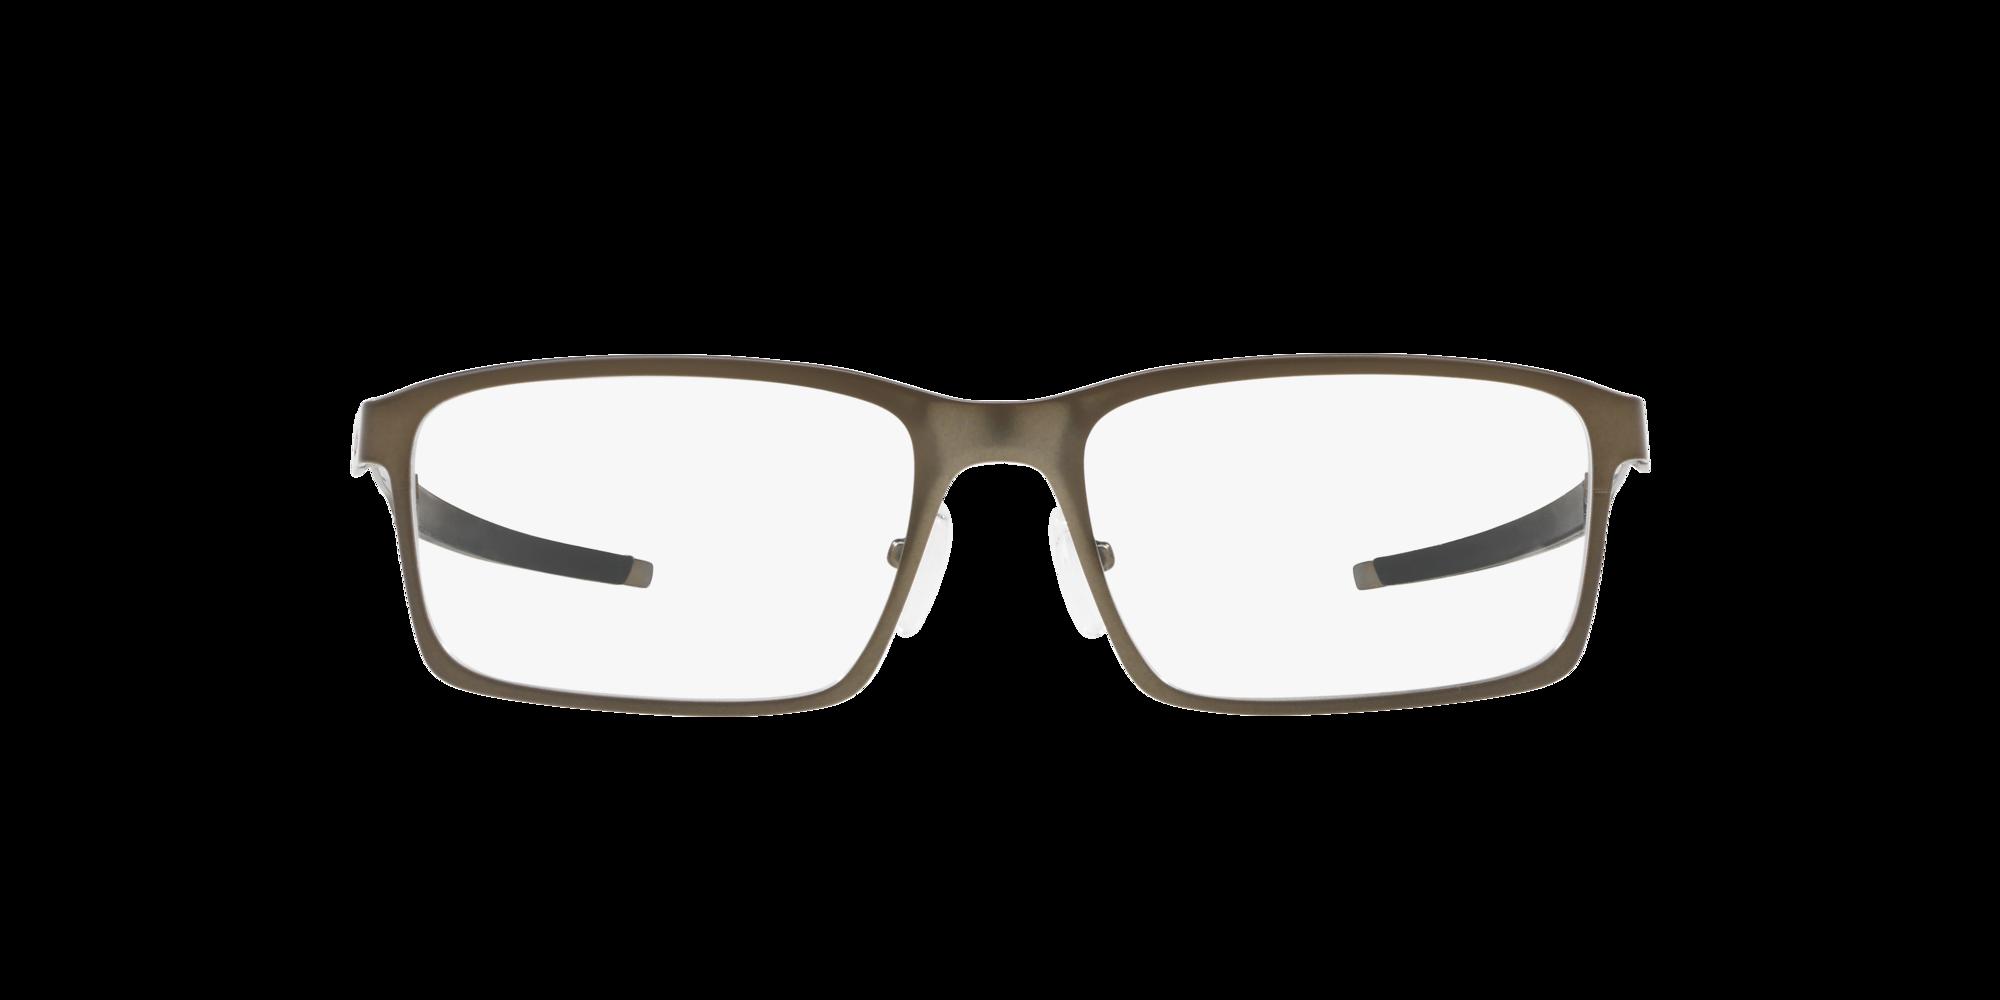 Imagen para OX3232 Base Plane de LensCrafters |  Espejuelos, espejuelos graduados en línea, gafas